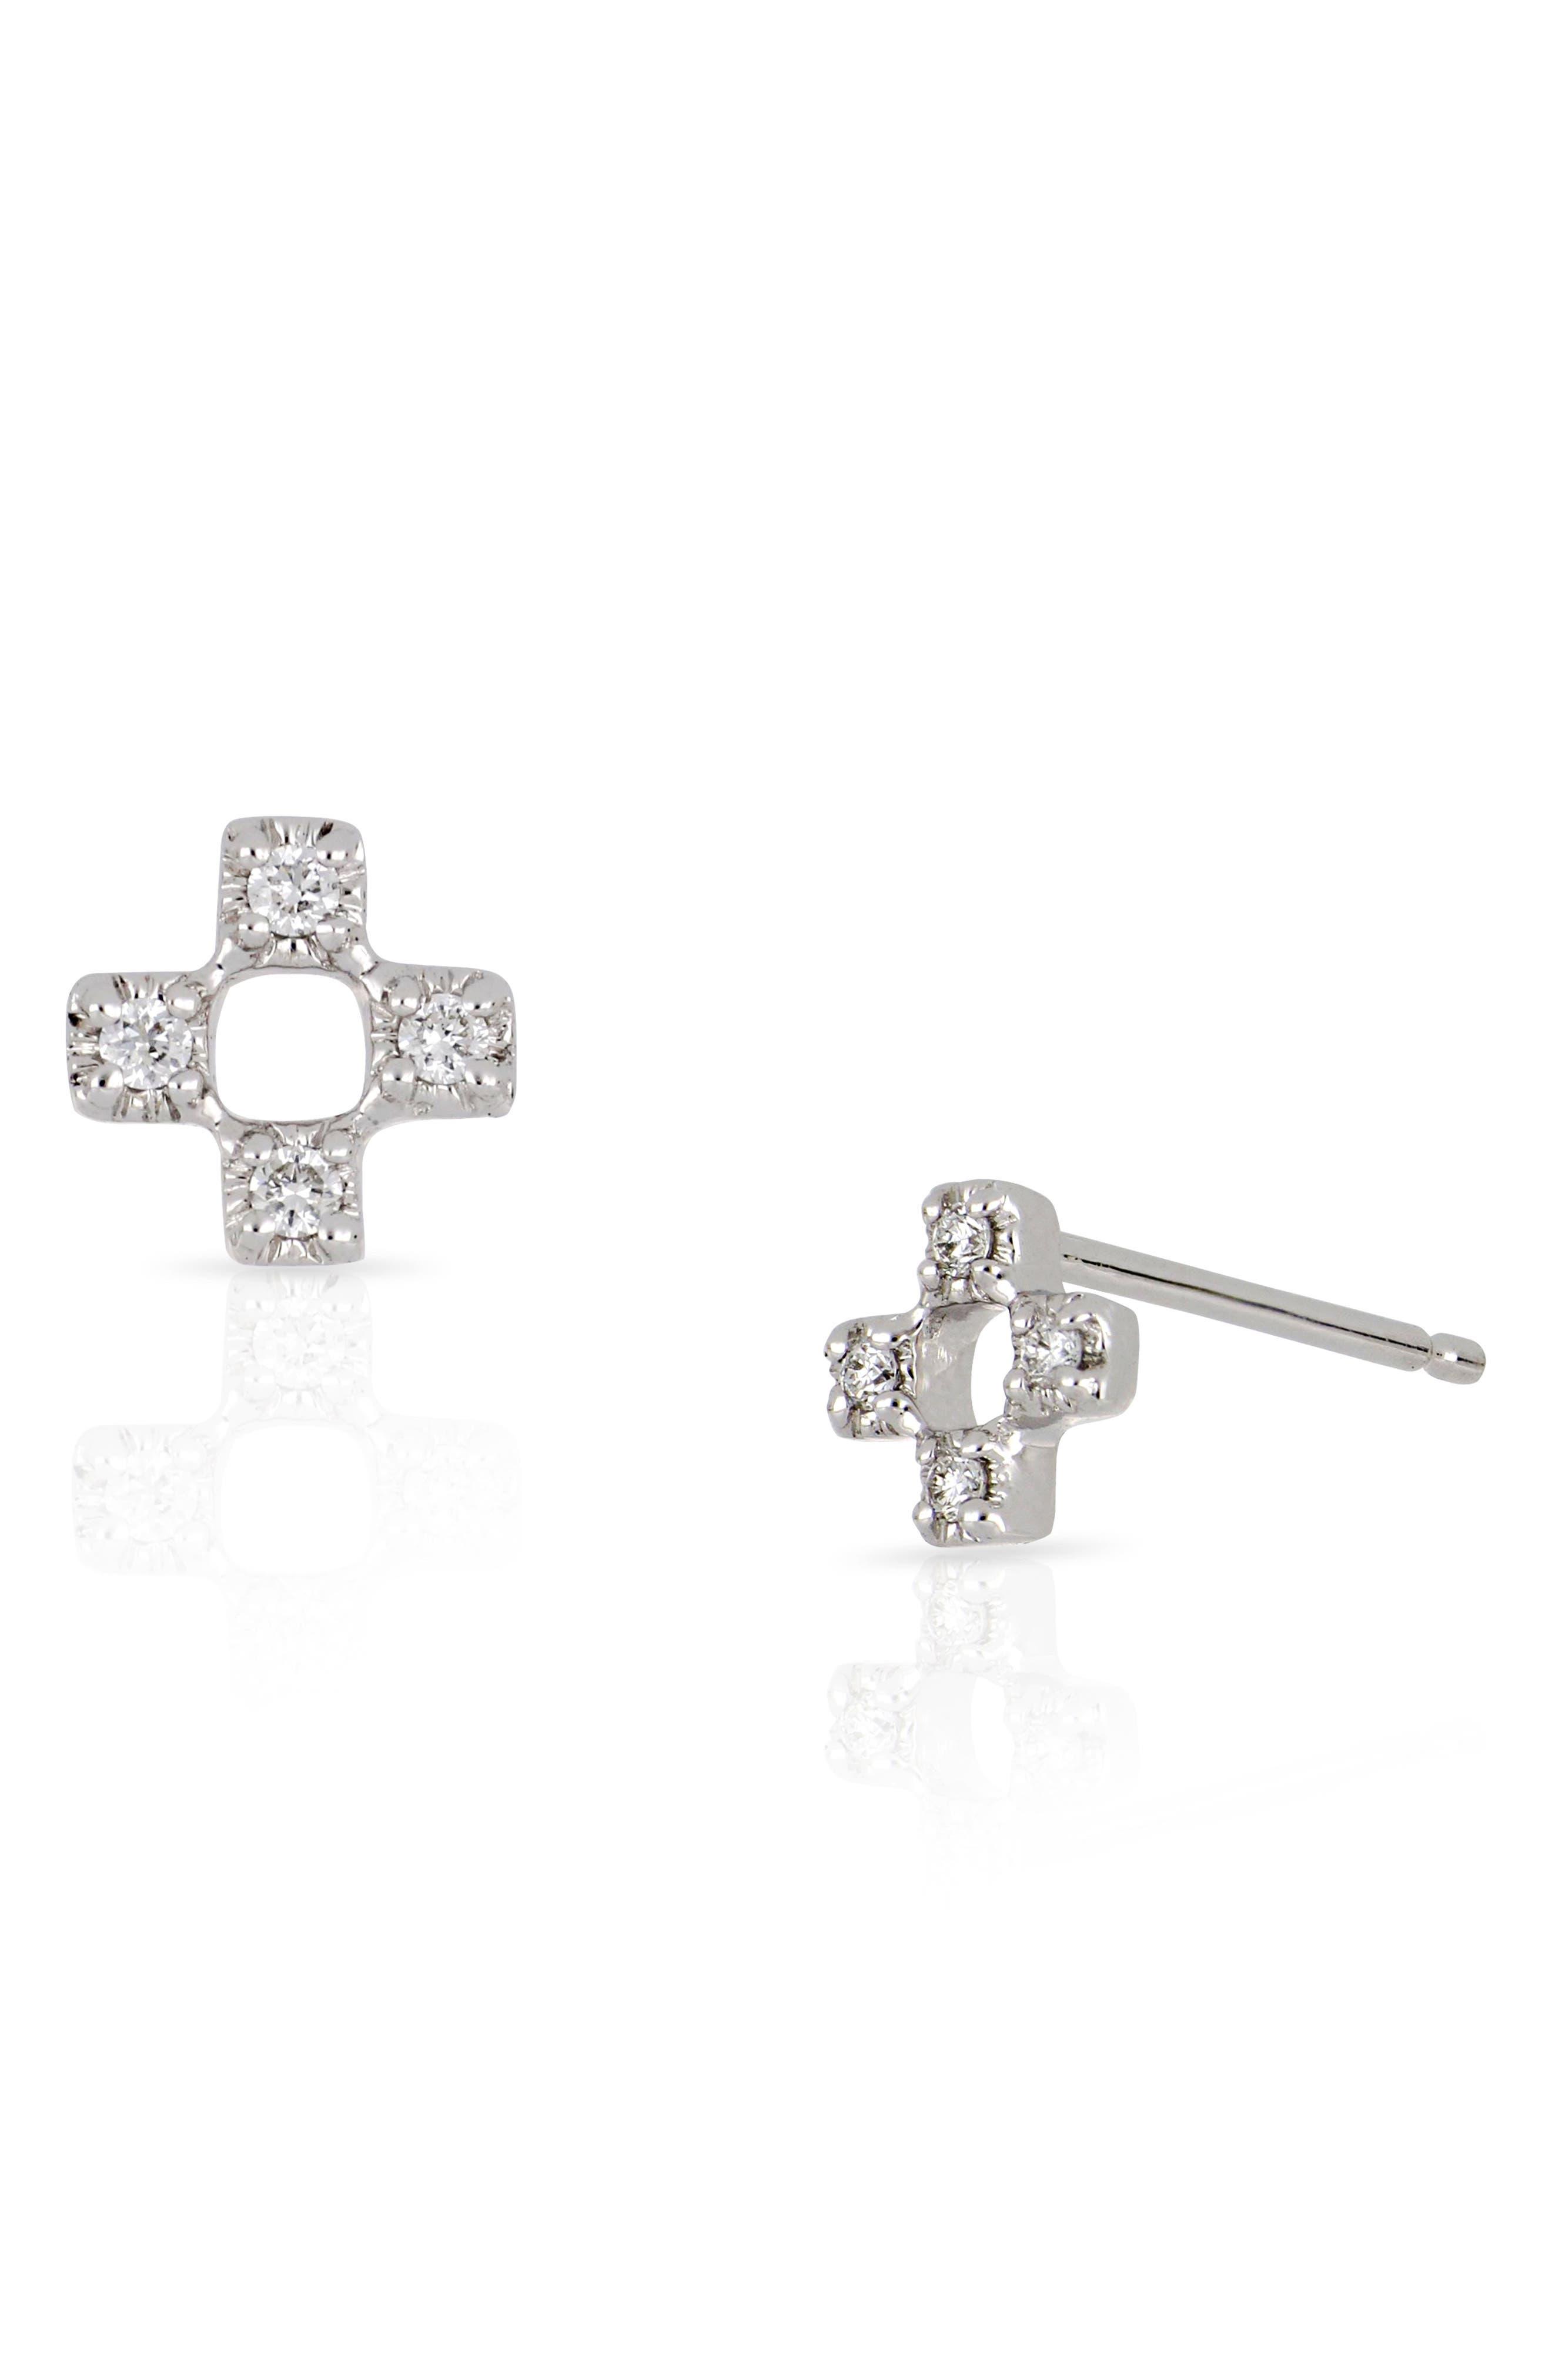 Open Square Diamond Earrings by Bony Levy